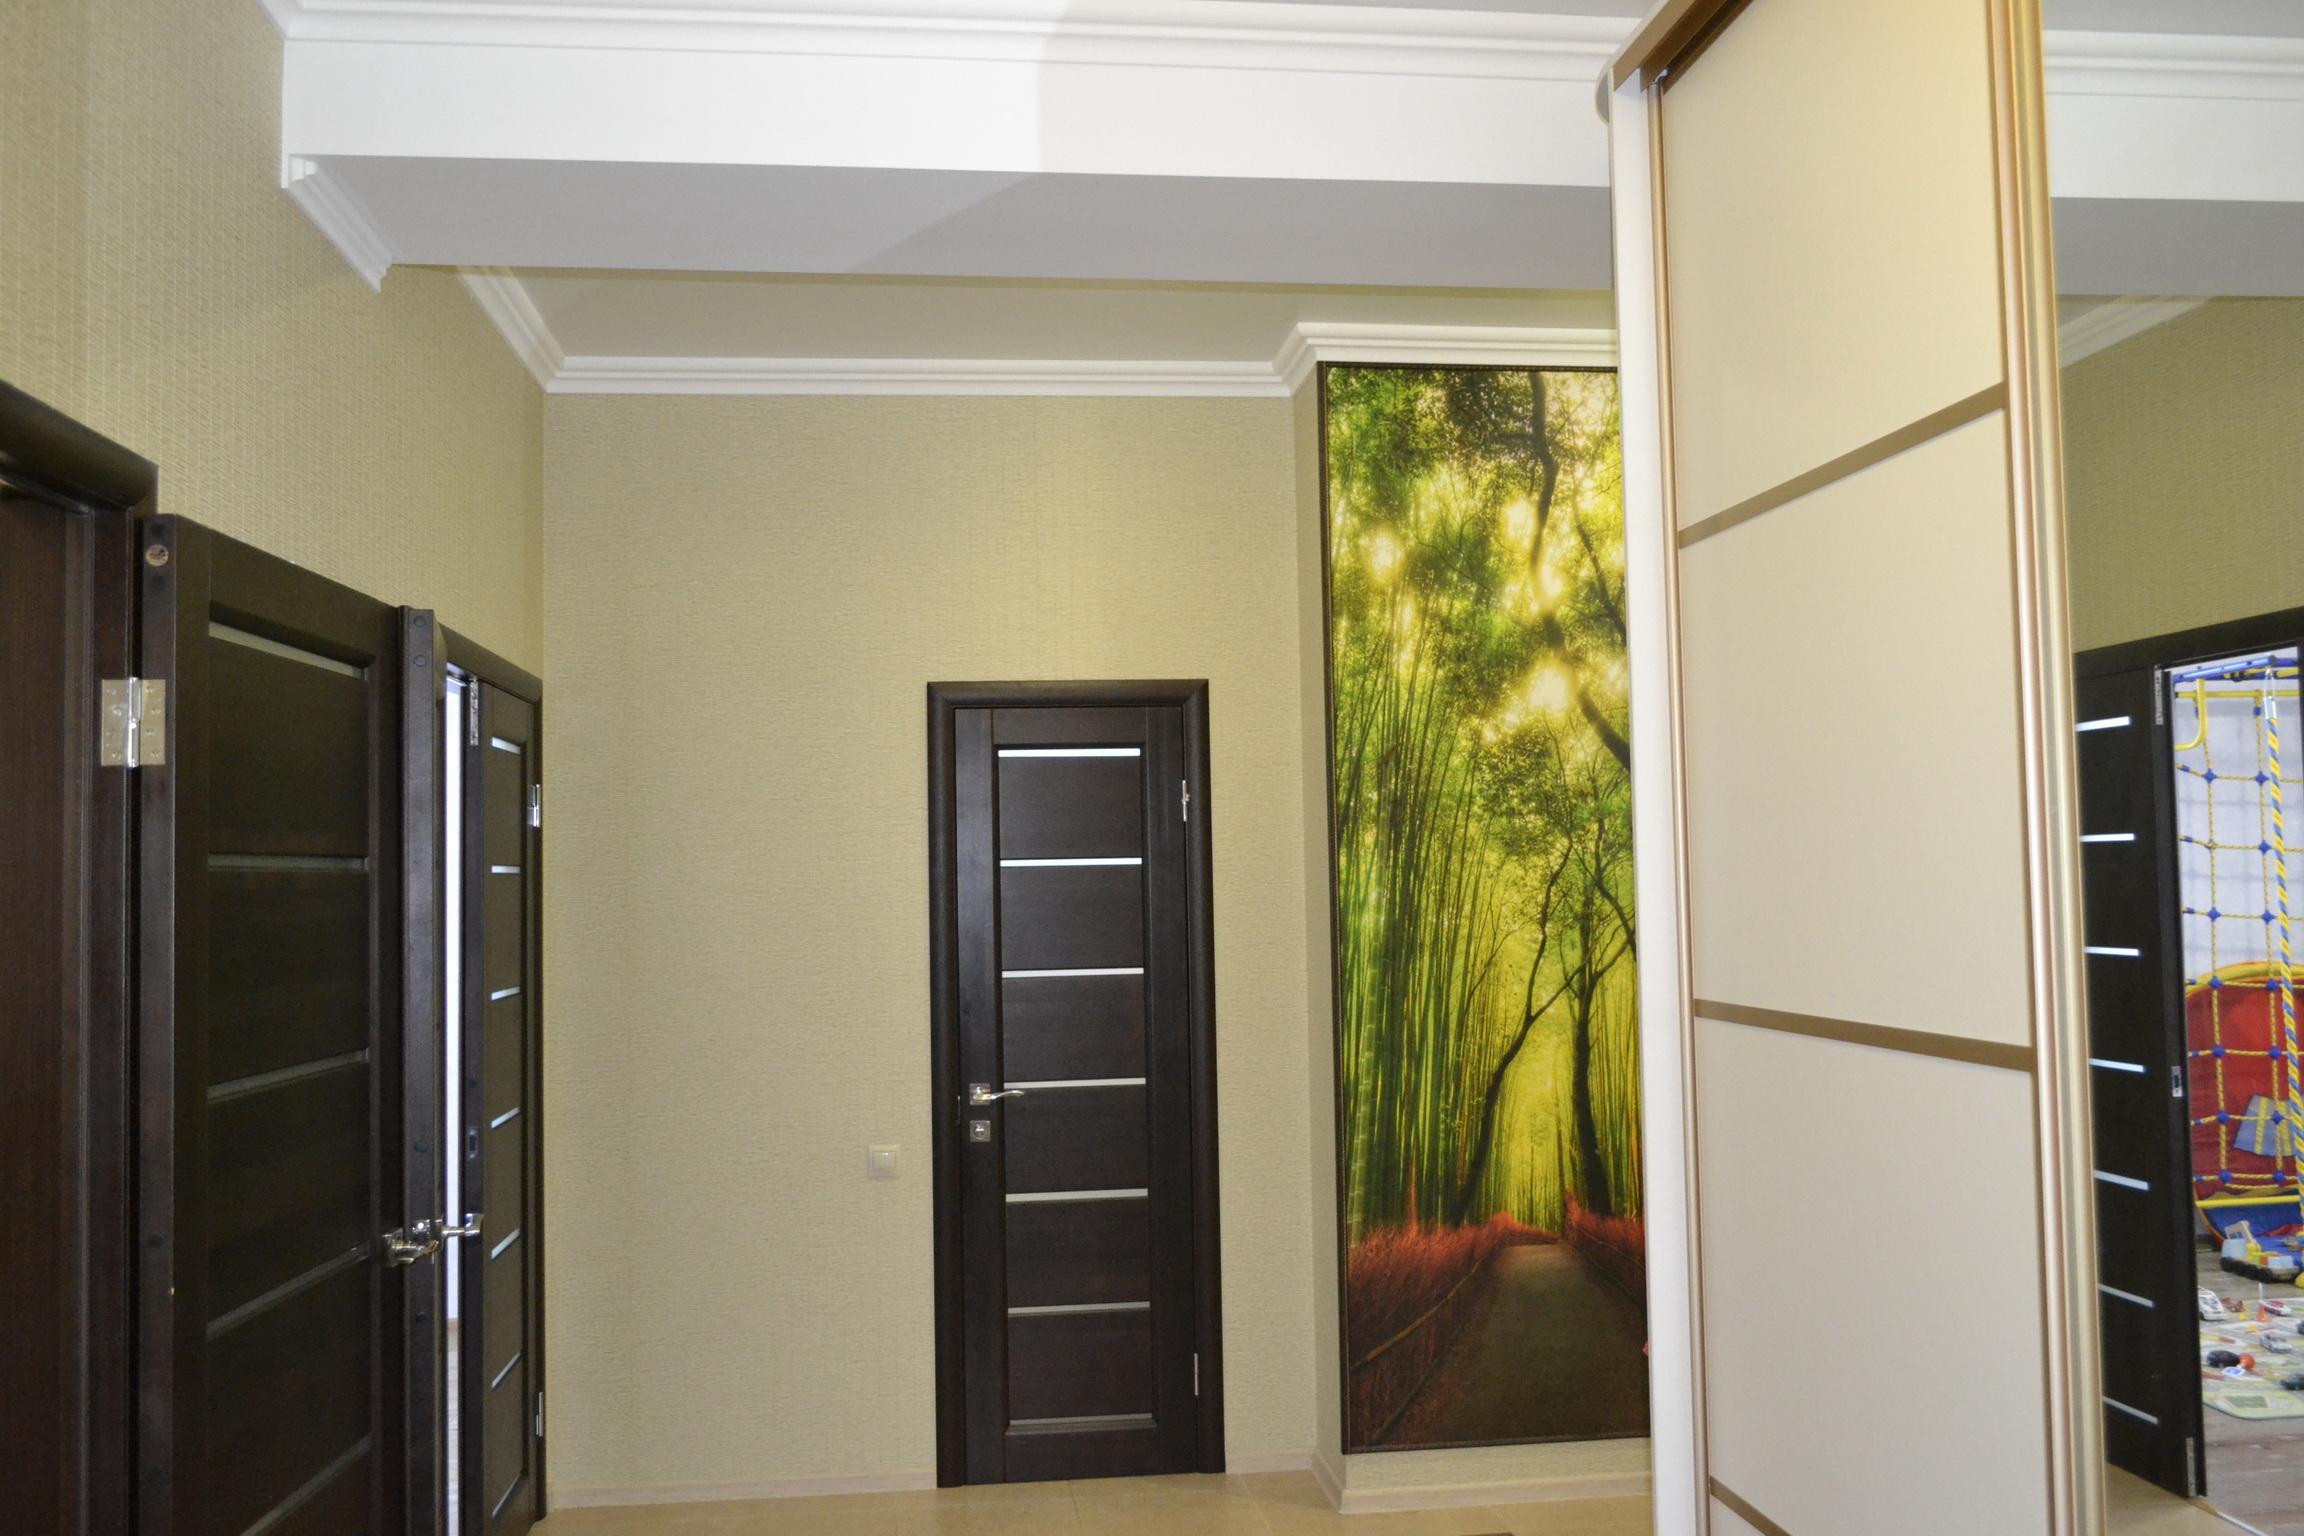 Ессентуки, ул. Новопятигорская 1 корпус 2, сдается на длительный срок 2-комнатная квартира